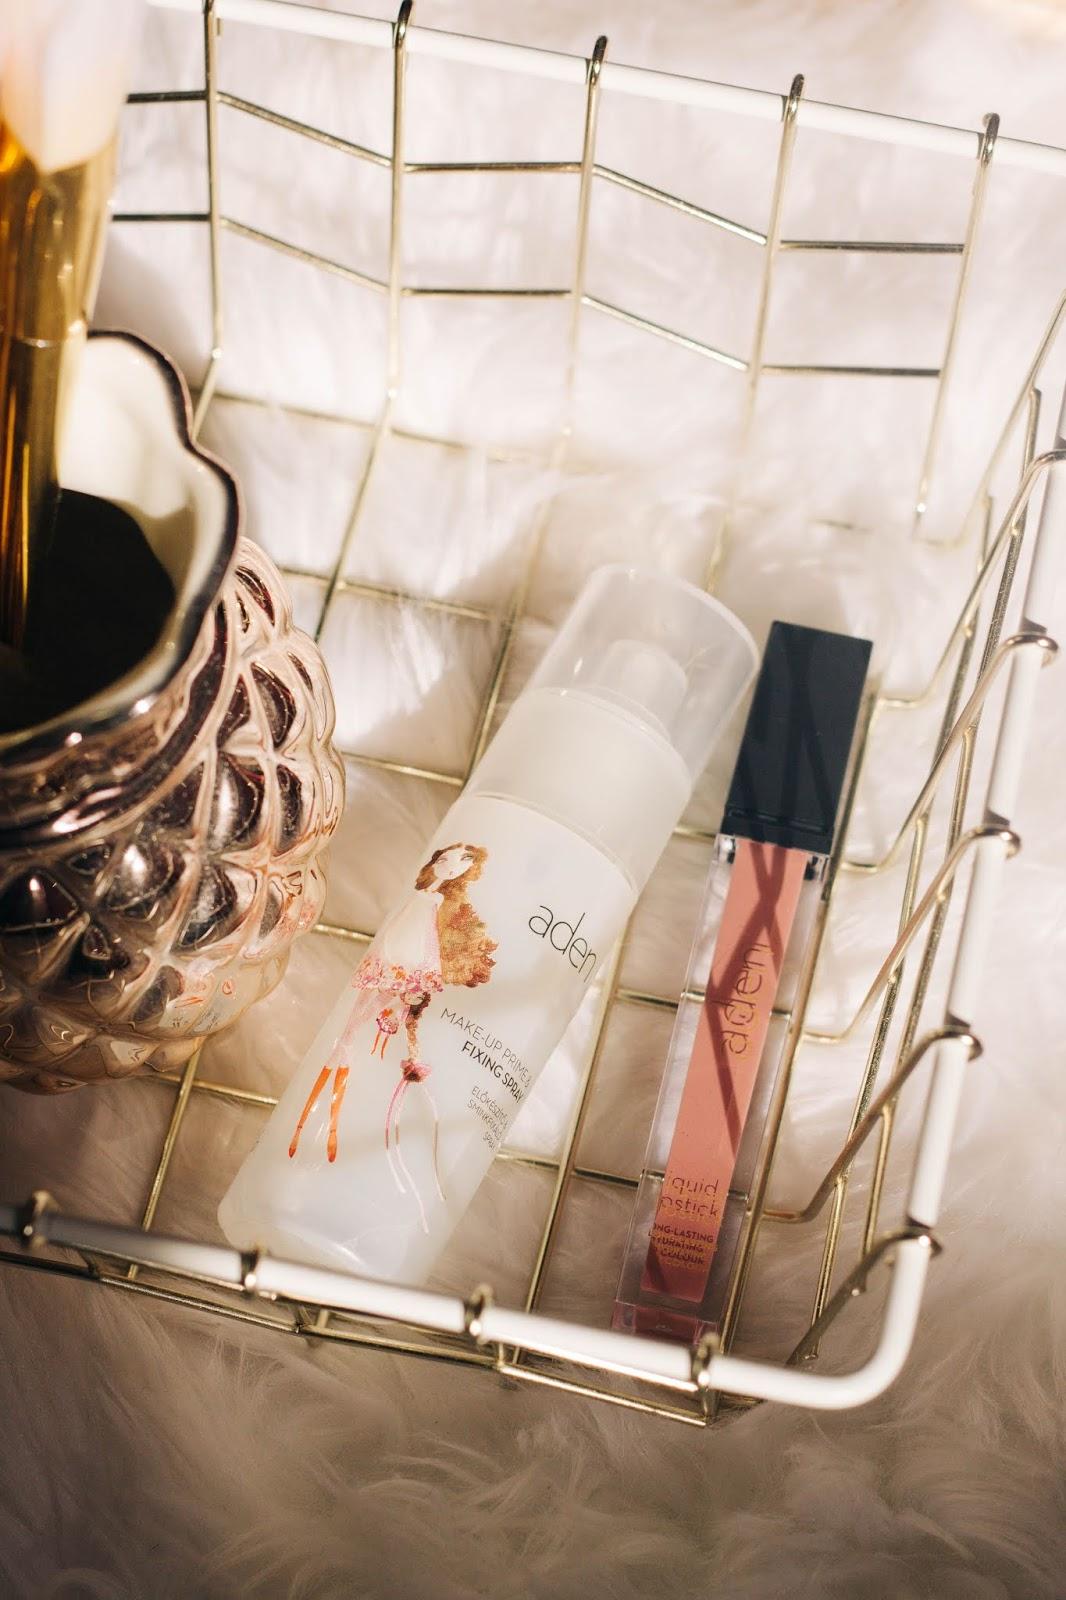 Make-up Prime & Fixing Spray (50ml) — 7,20 €    O primer/fixador é um produto ligeiramente mais recente. Foi lançado em 2017 e, de acordo com a marca, tanto pode ser utilizado na preparação de pele (como primer), como pode ser utilizado no último passo (como finalizador). Sem parabenos, formaldeído, silicone, SLES, óleo mineral e lanolina. Adequado para todos os tipos de pele.    É um produto 2 em 1.